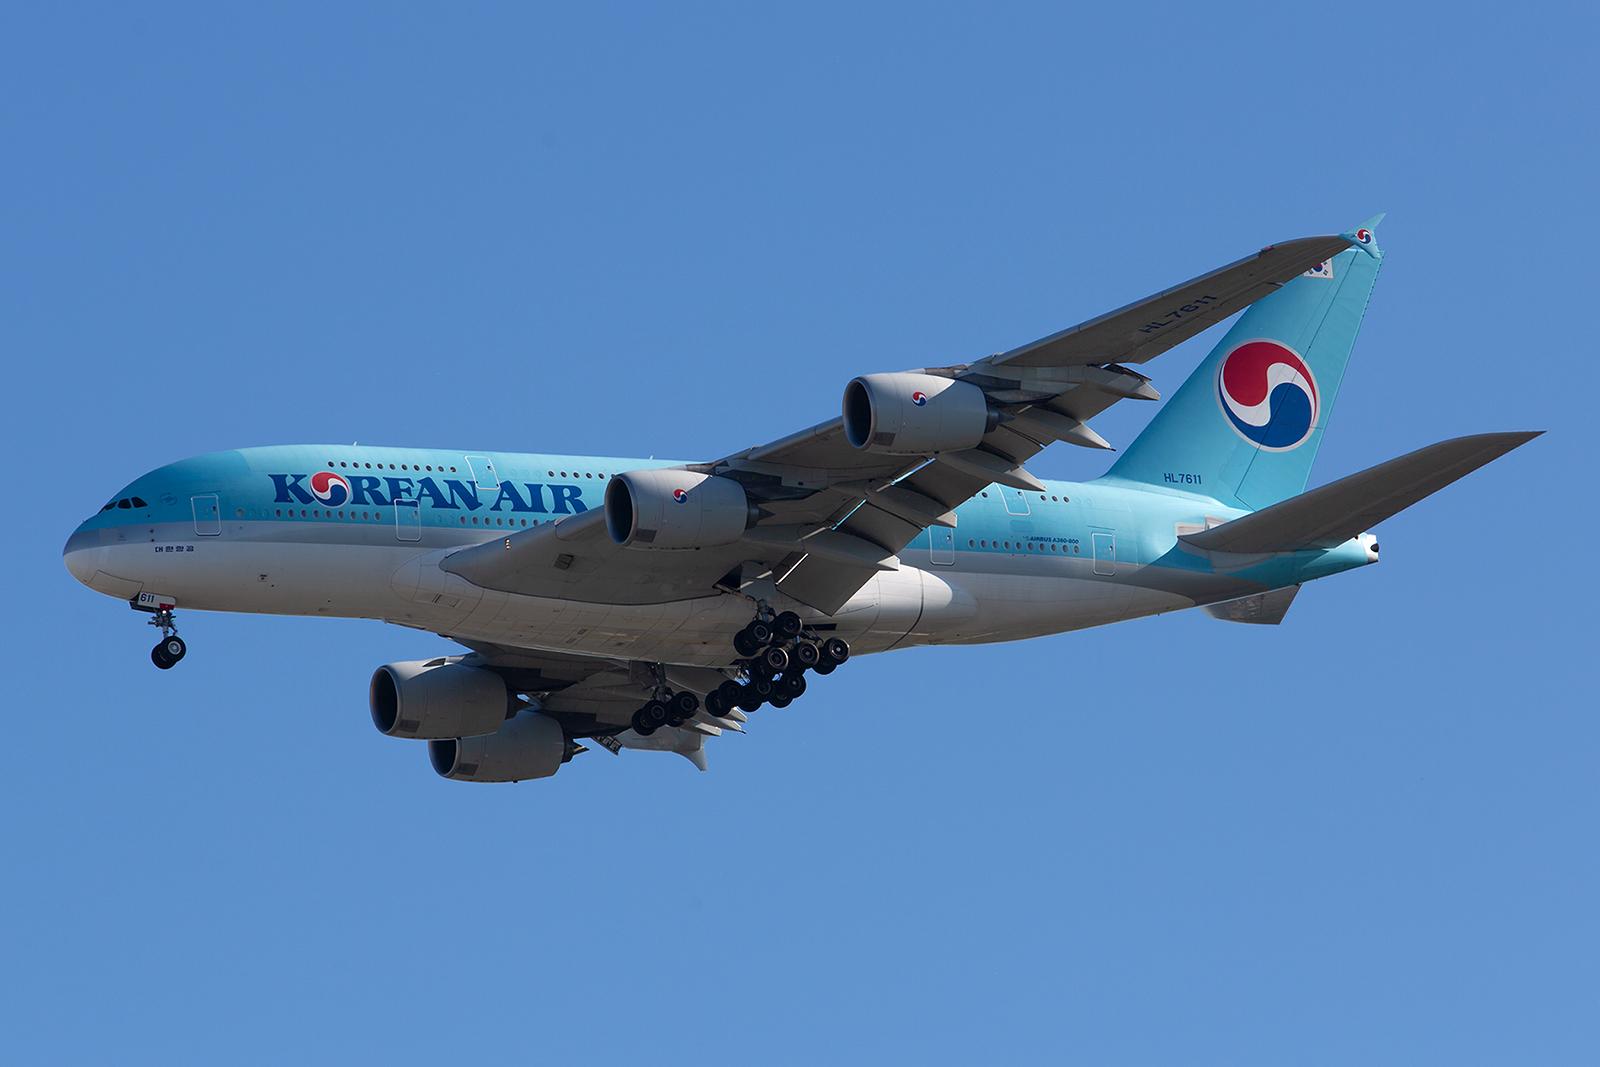 Die Mitgliedschaft in der Allianz um Air France/KLM veranlasste auch Korean Air Paris mit dem A 380 anzufliegen und diesen von der Frankfurtroute abzuziehen.